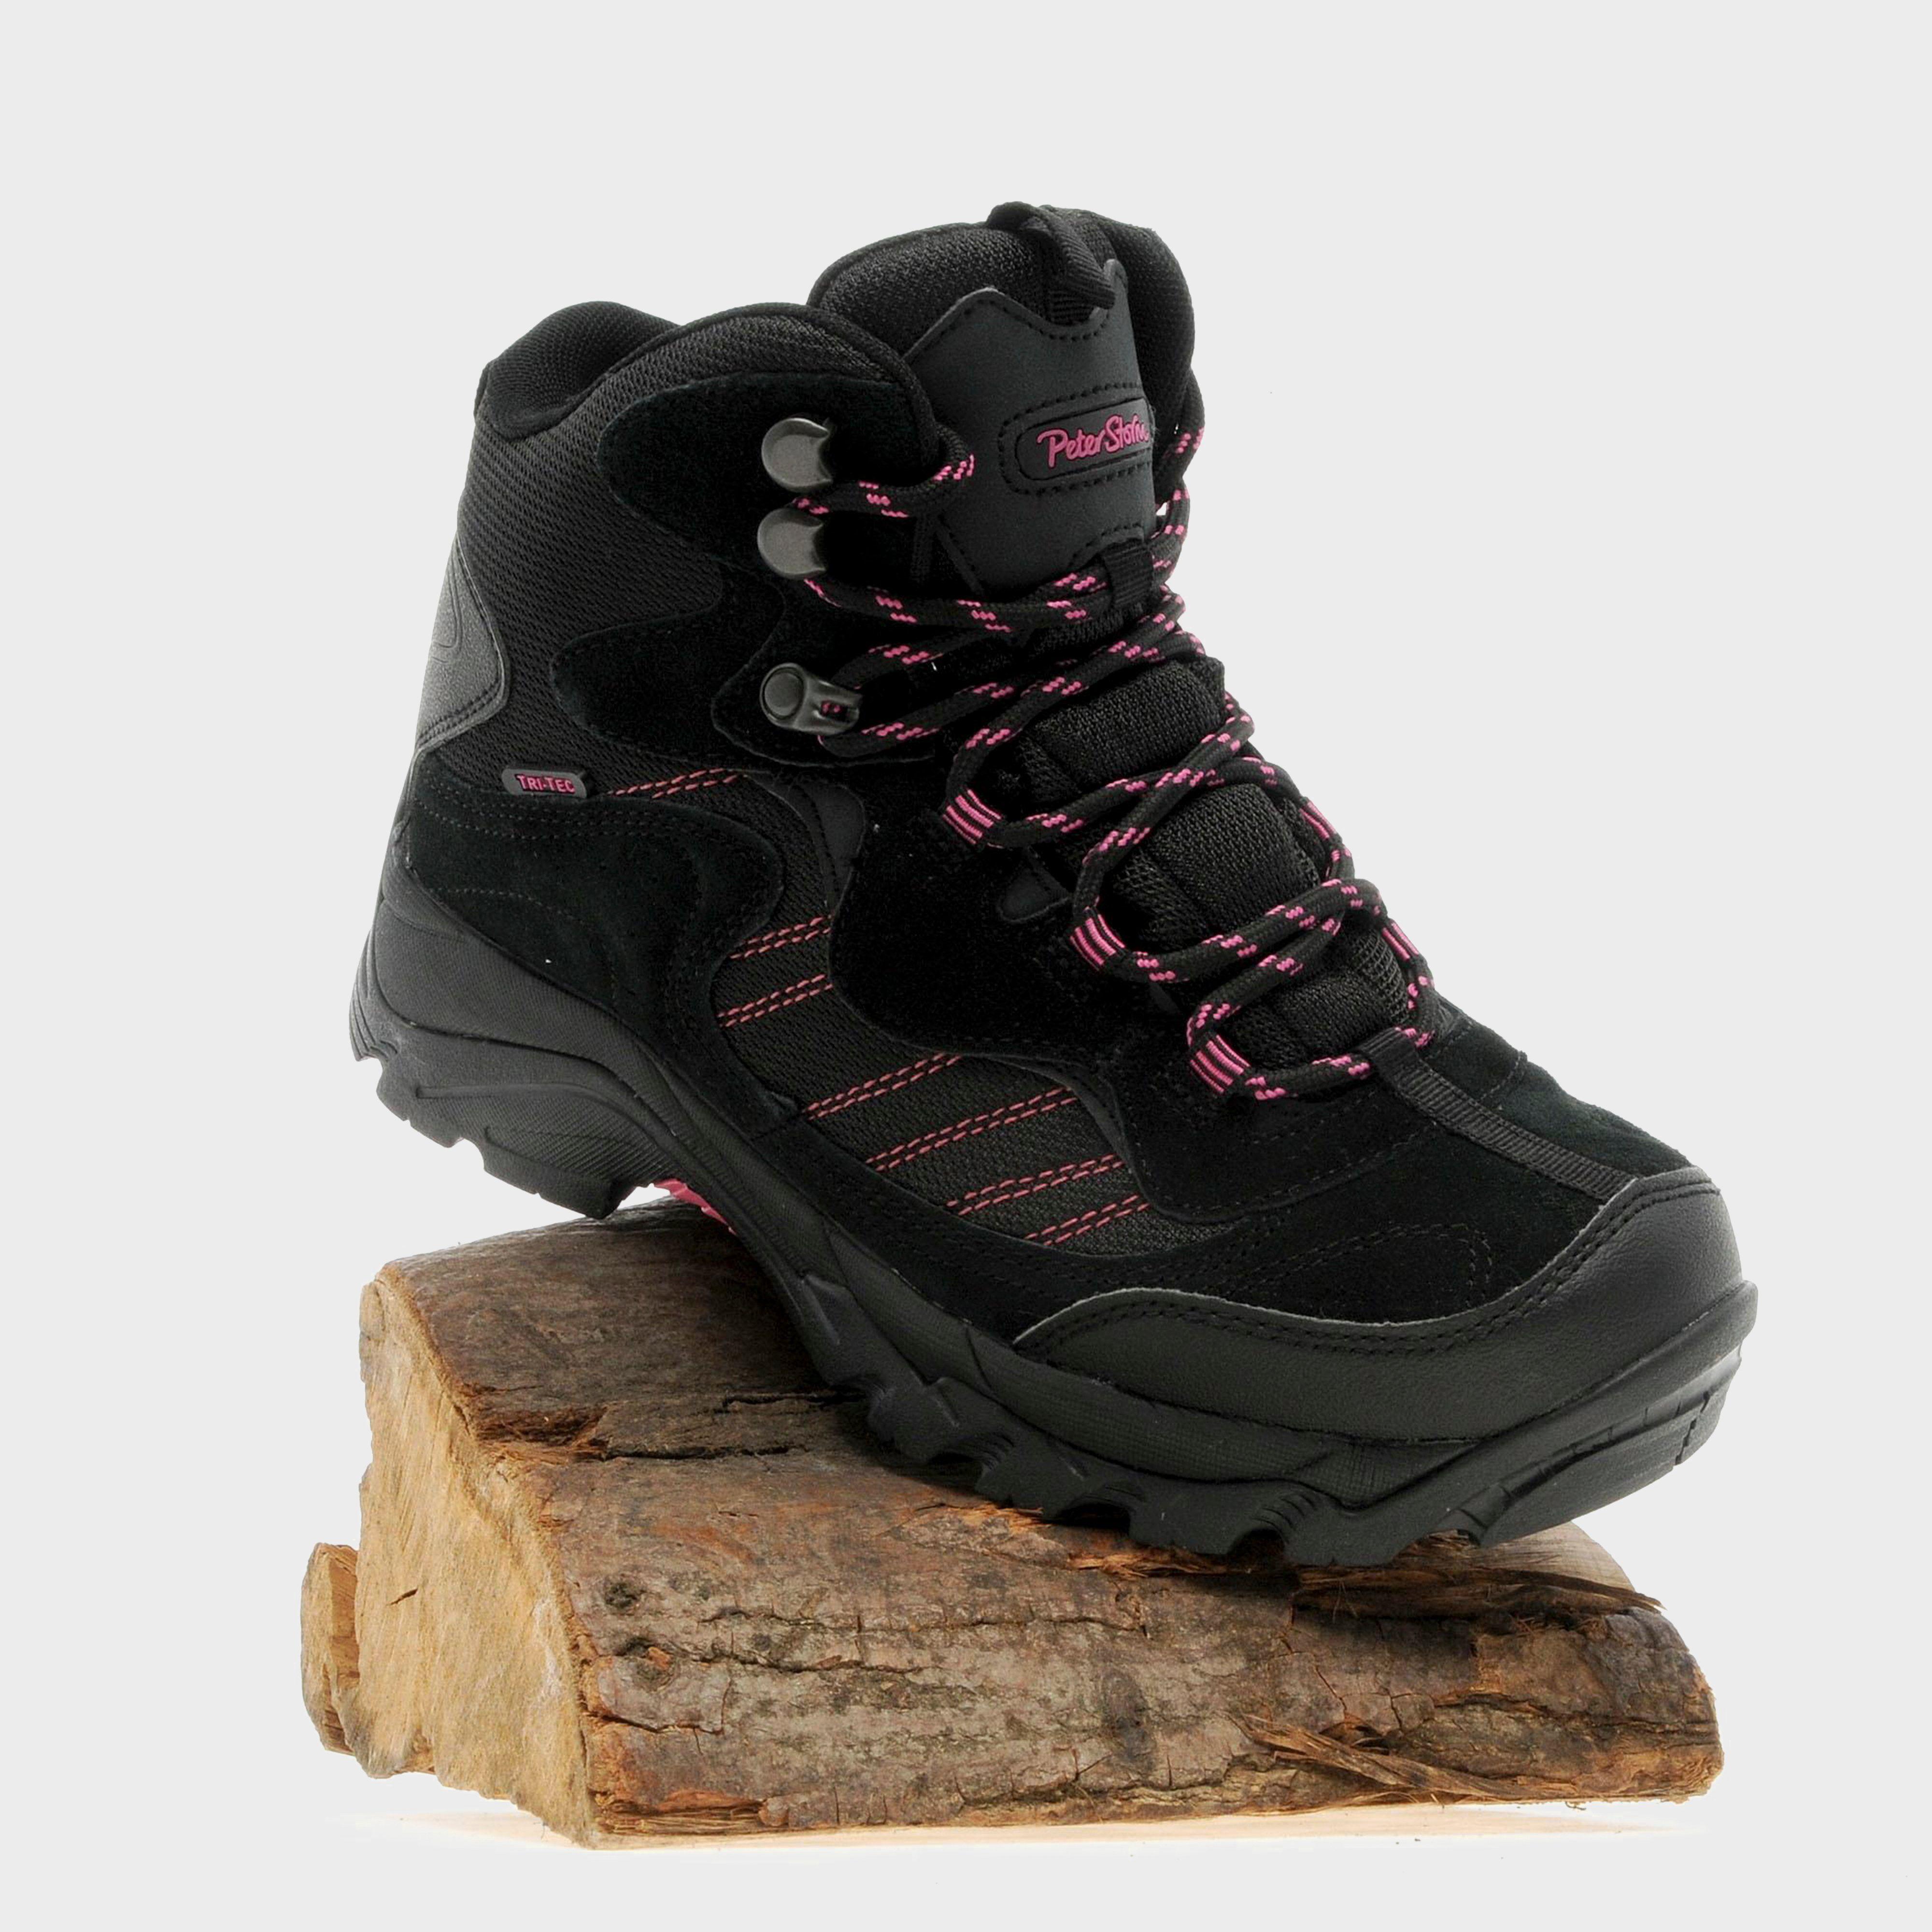 PETER STORM Girl's Ormskirk Walking Shoe